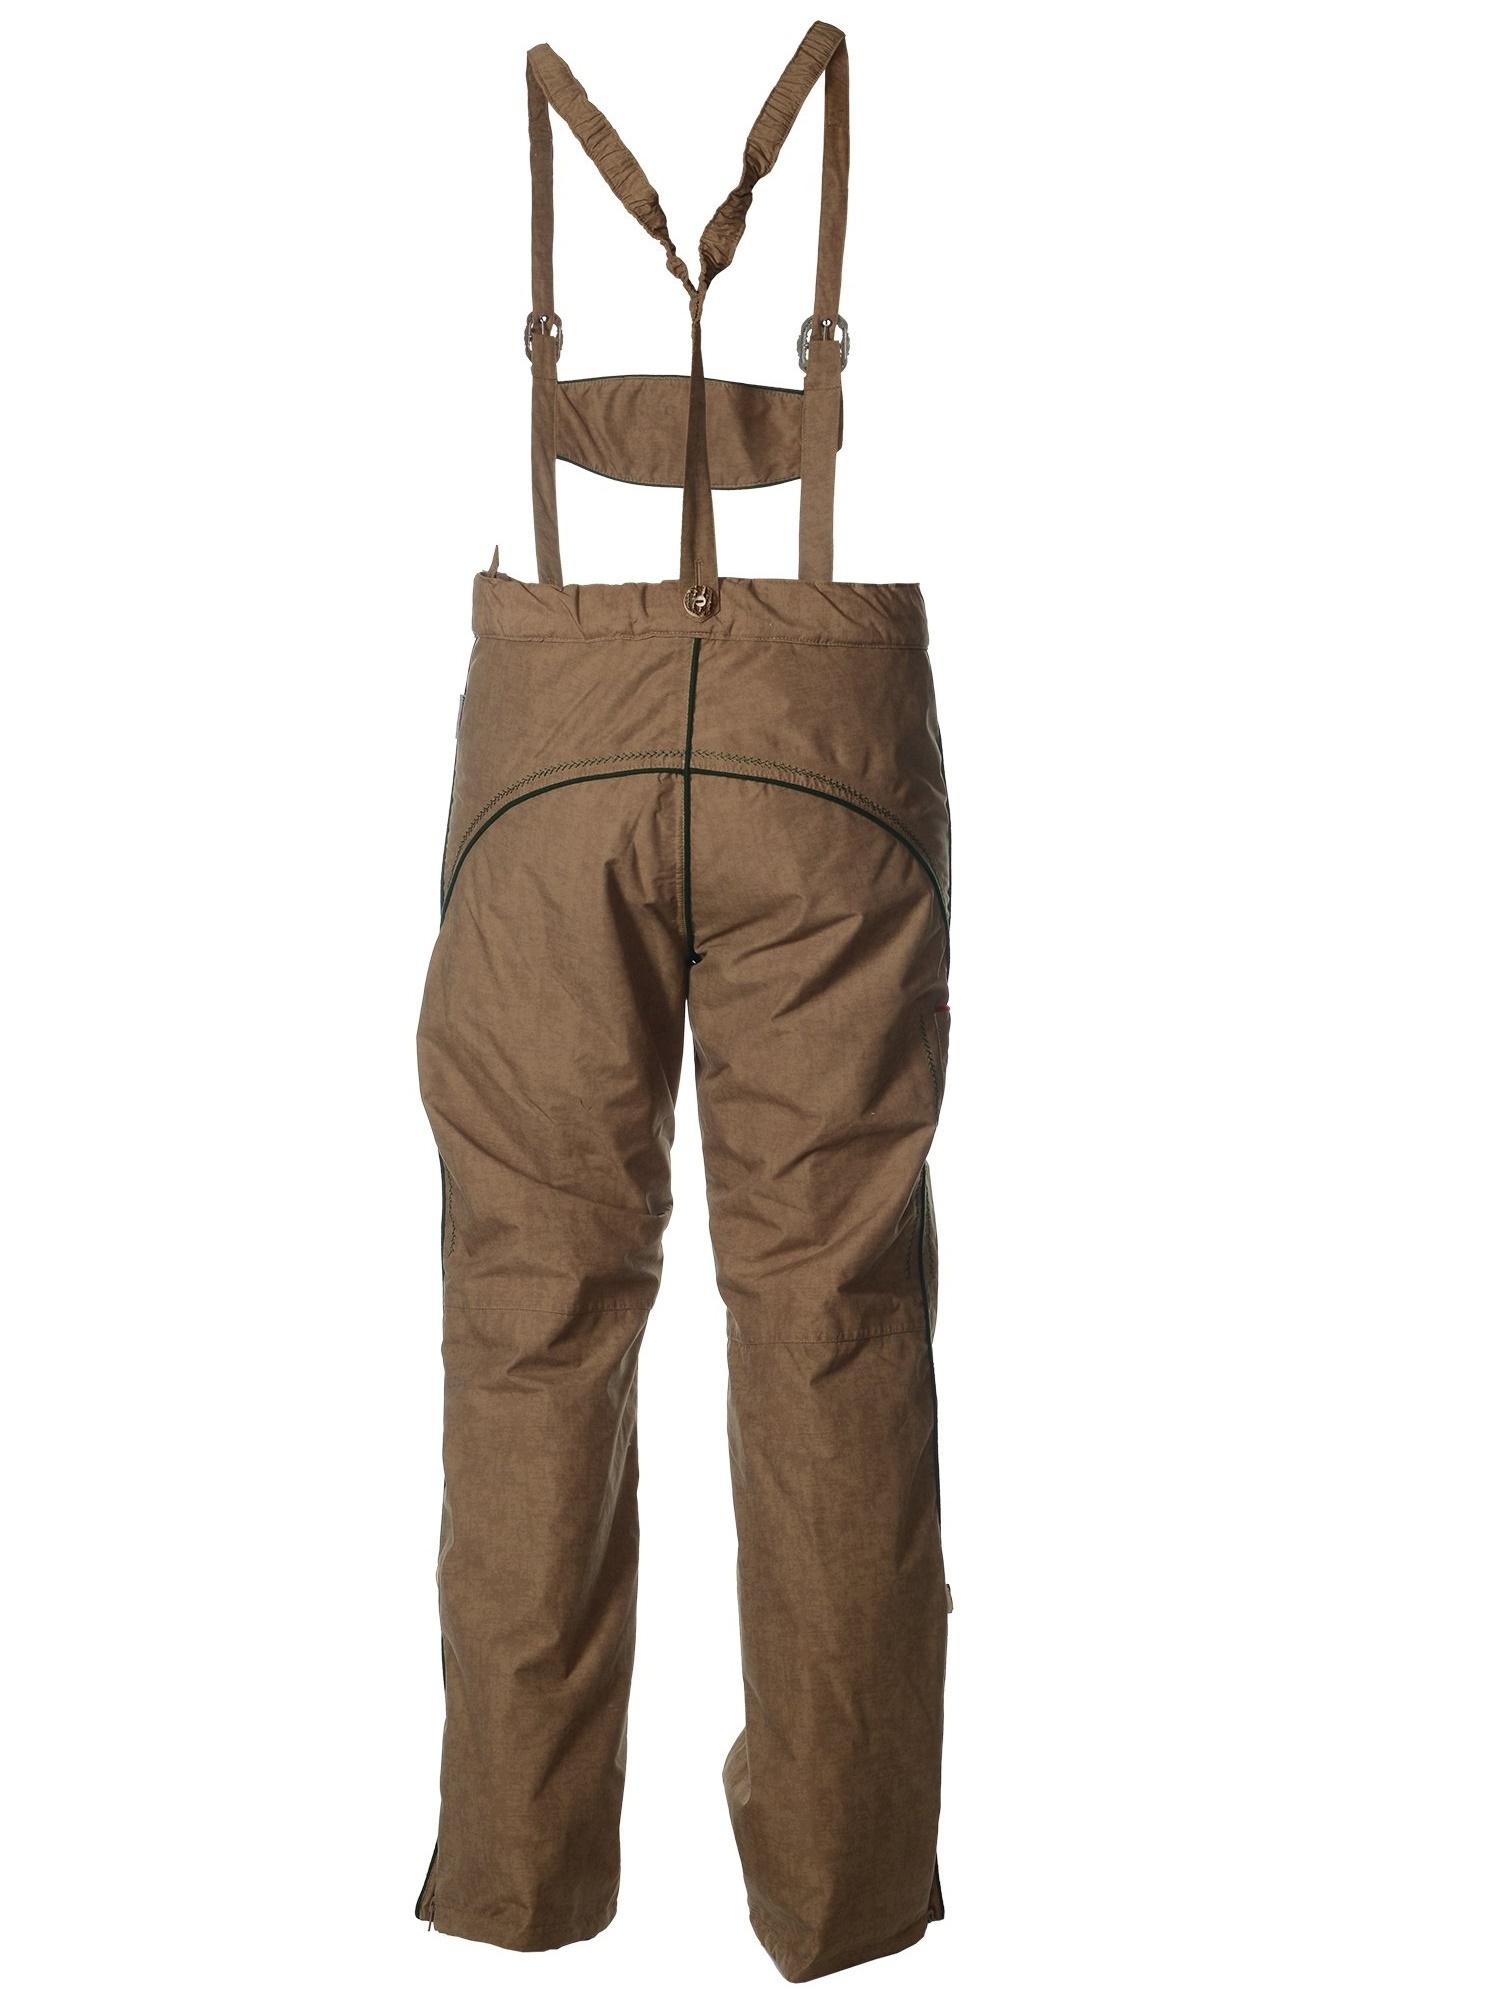 Мужская горнолыжная одежда Almrausch Steinpass-Lois 320109-121136 - фото